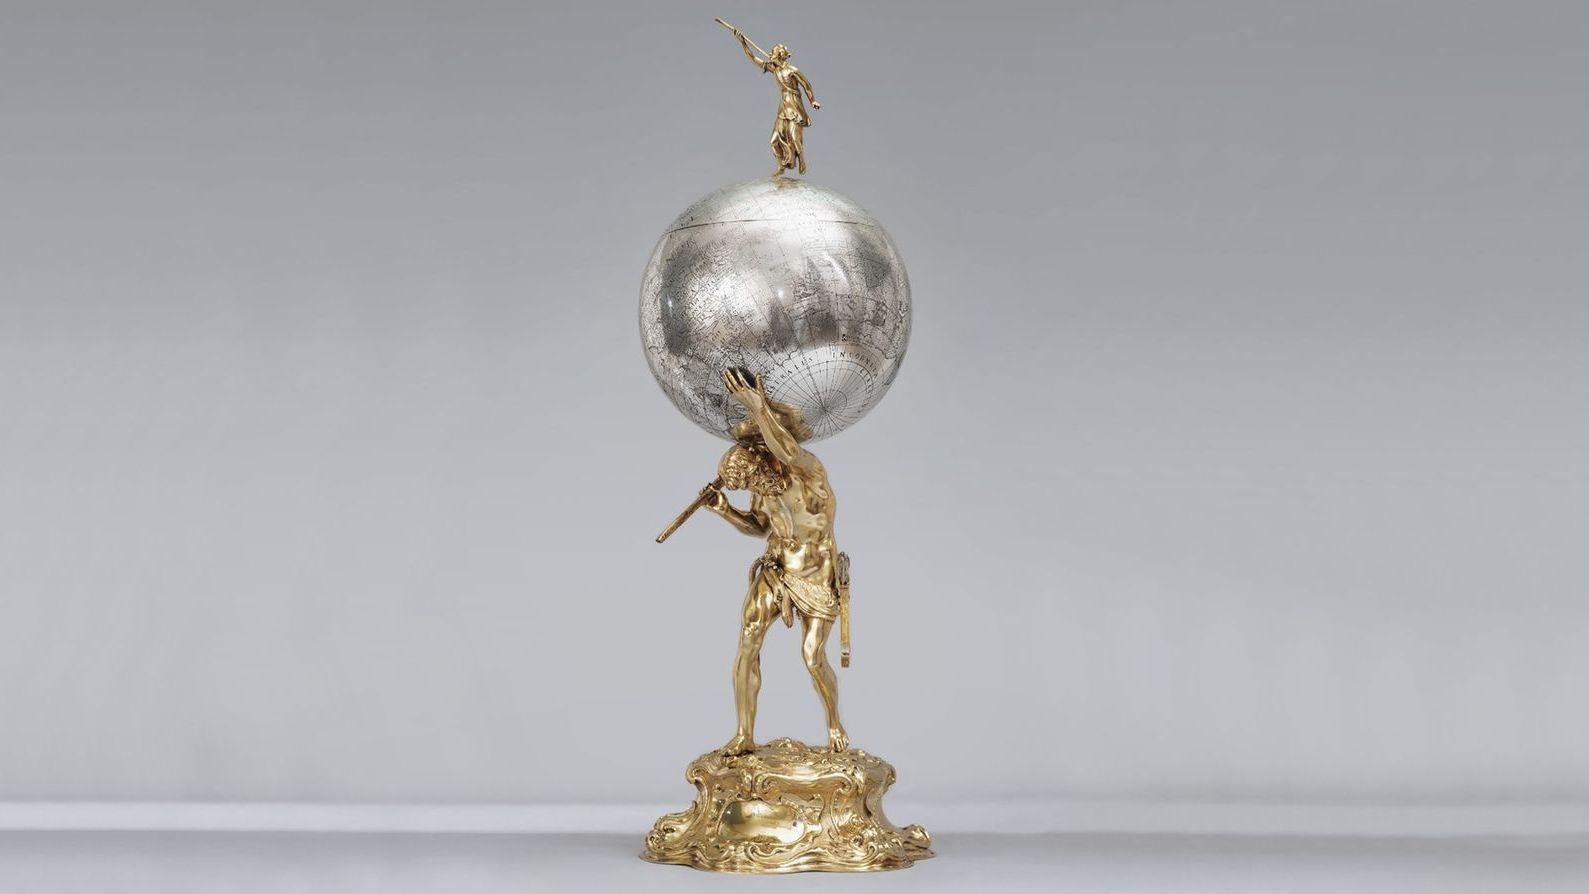 Pokal aus der Kunstsammlung des schwedischen Königshauses